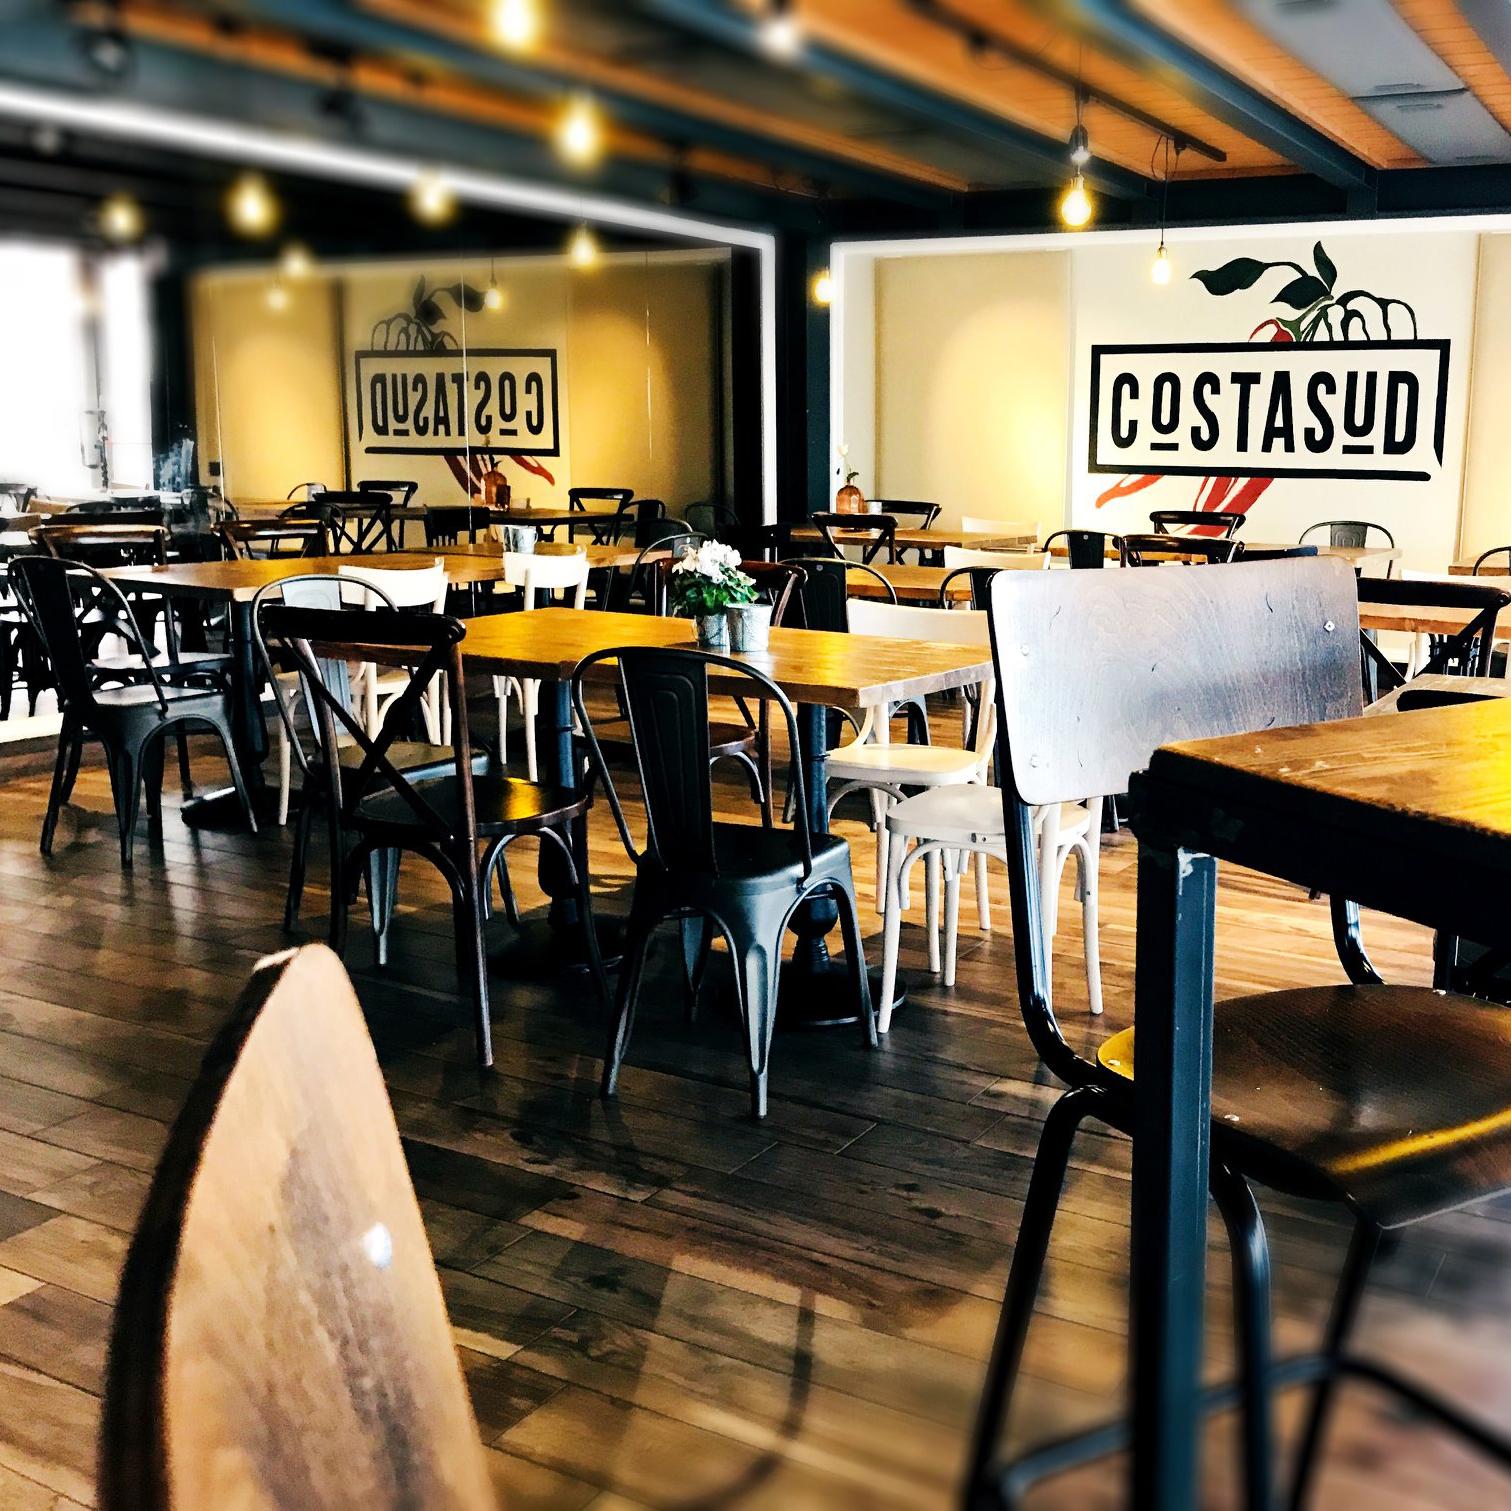 Costa Sud - Ristorante pizzeria a Cologno Monzese